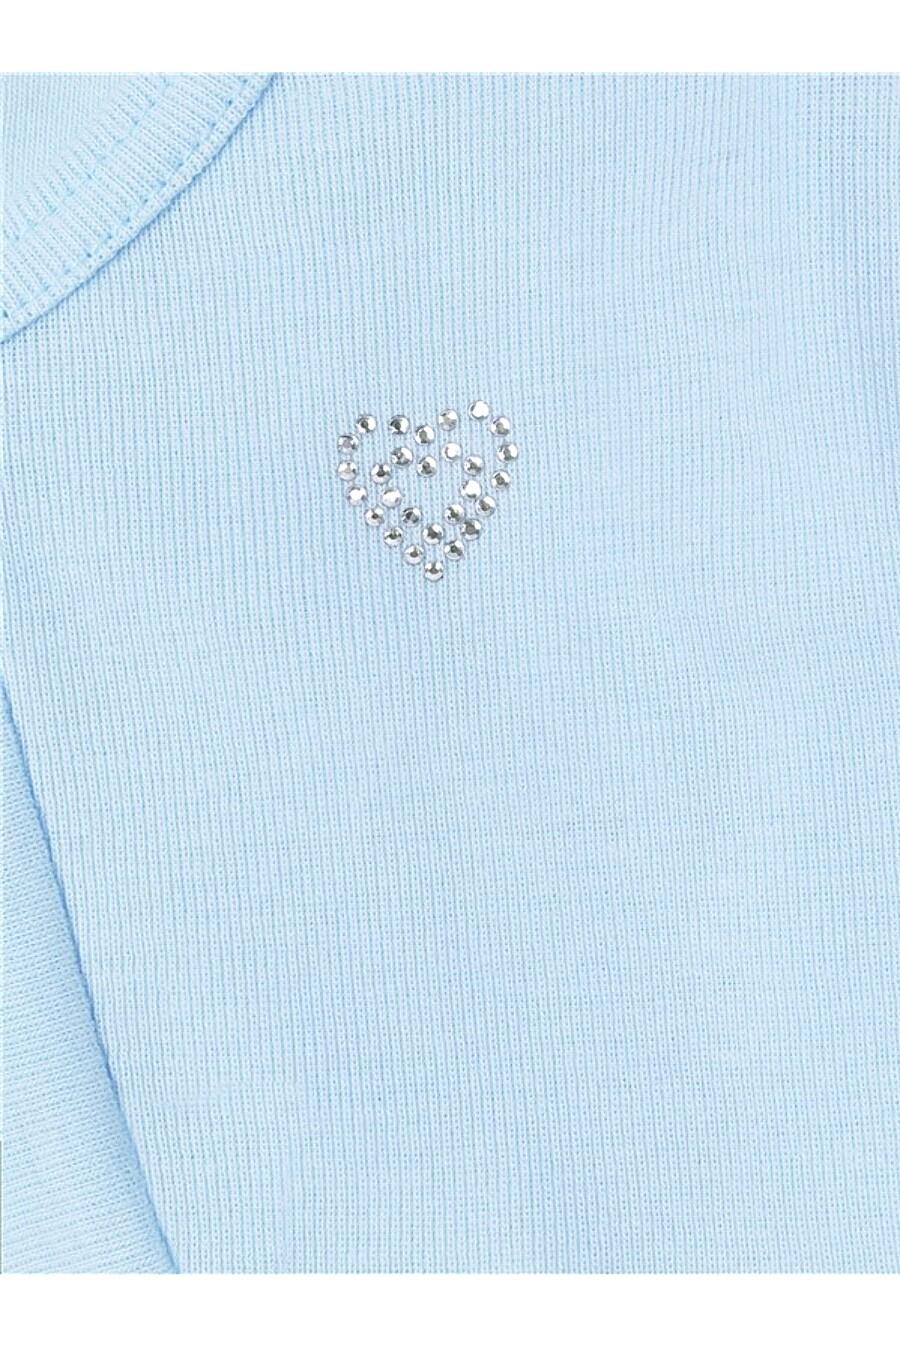 Болеро для девочек АПРЕЛЬ 708003 купить оптом от производителя. Совместная покупка детской одежды в OptMoyo